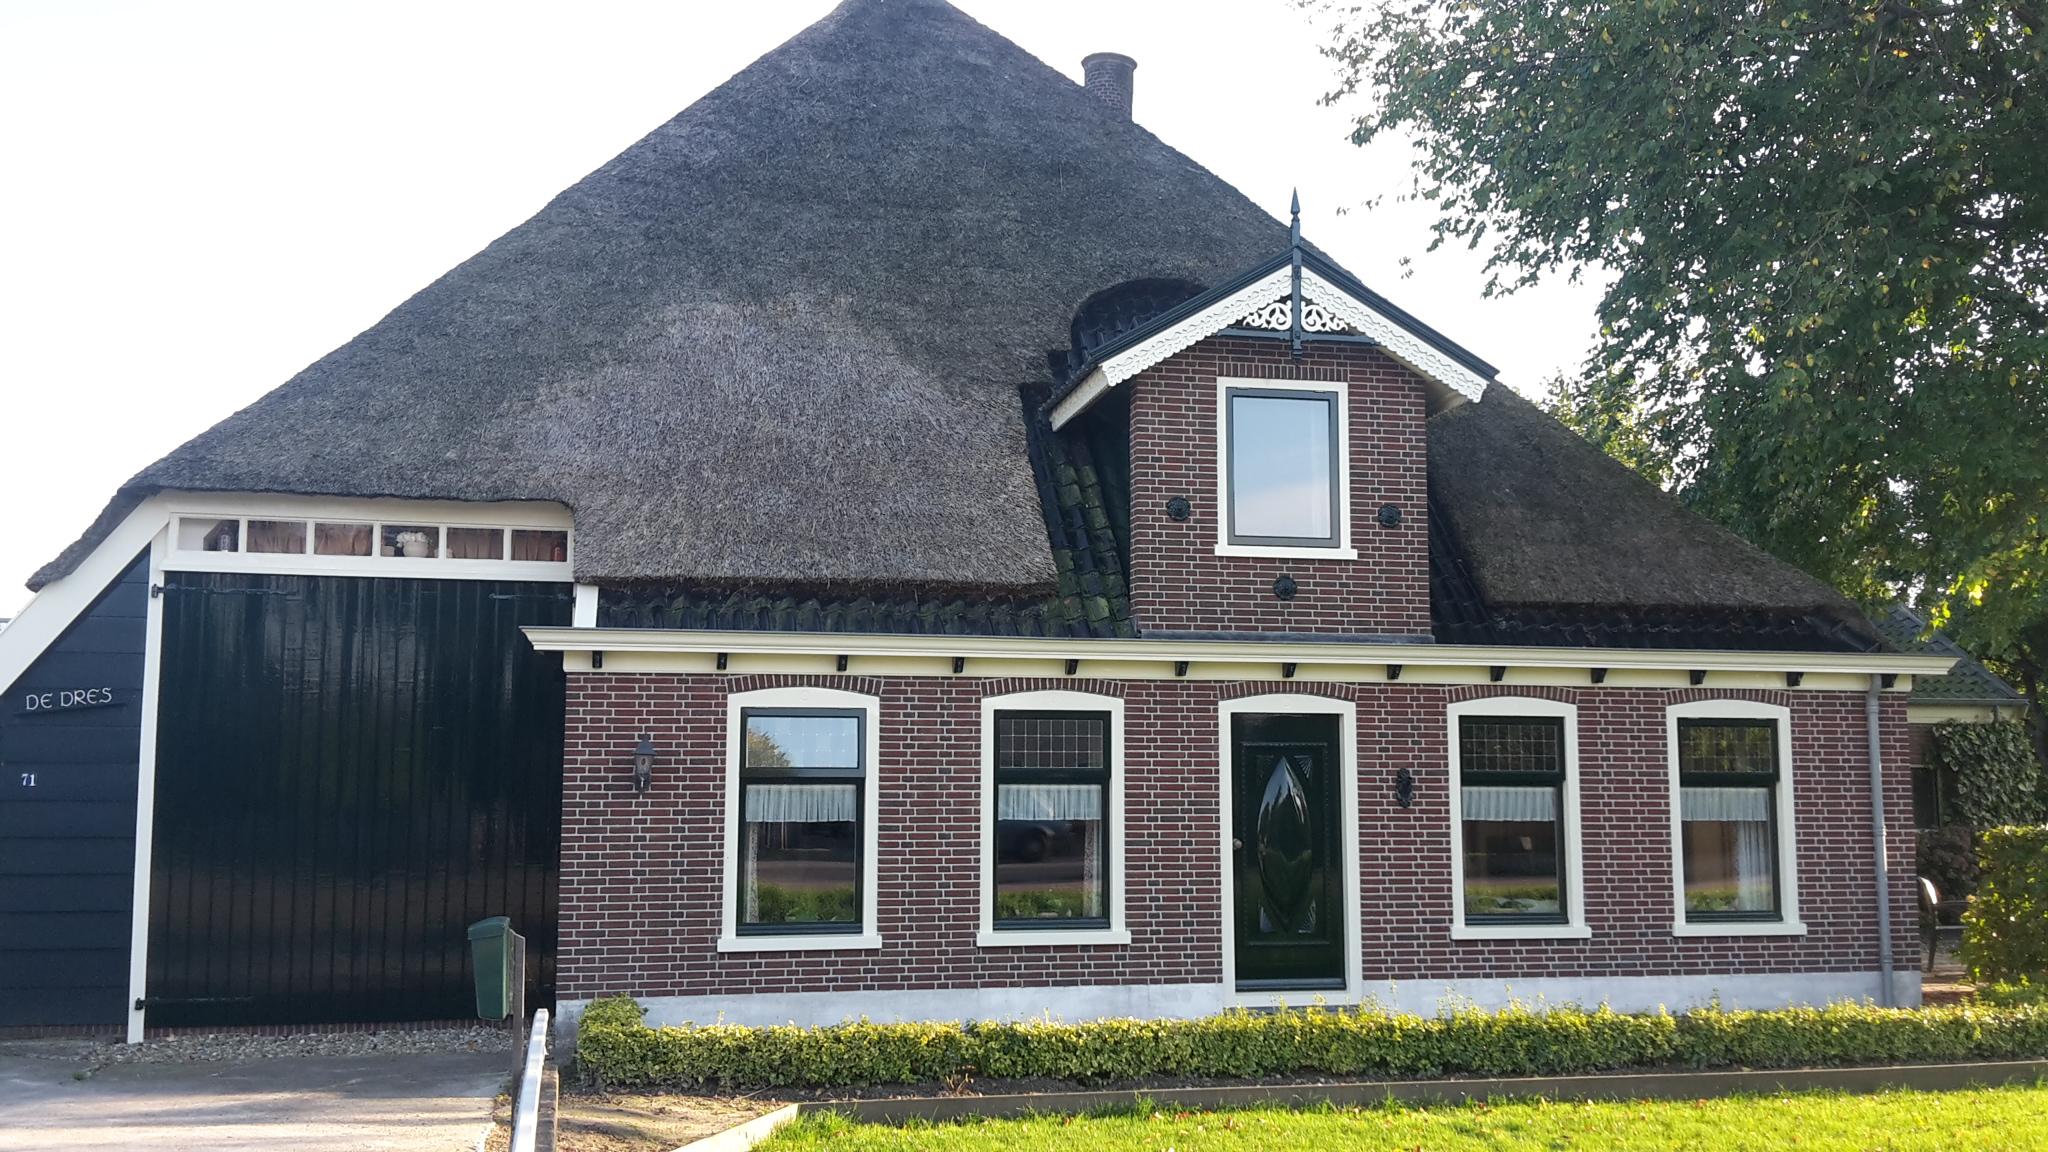 Woonboerderij Zwaagdijk-oost